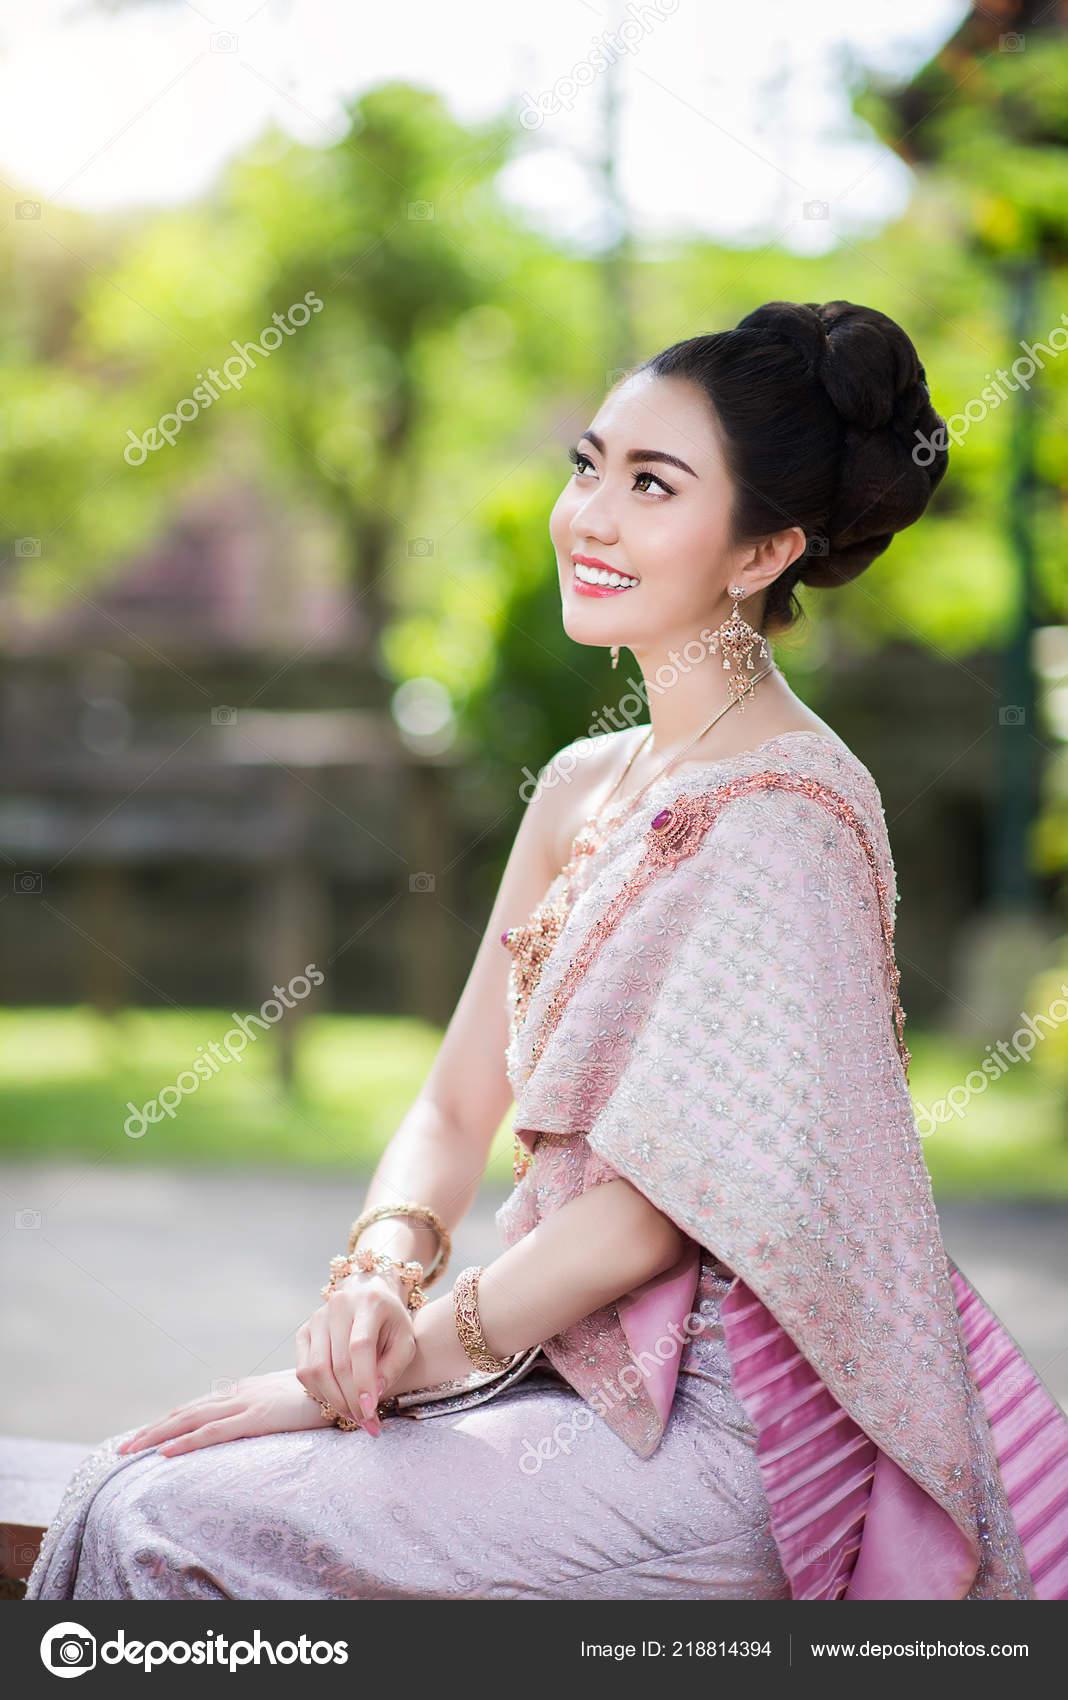 hottest thai girls